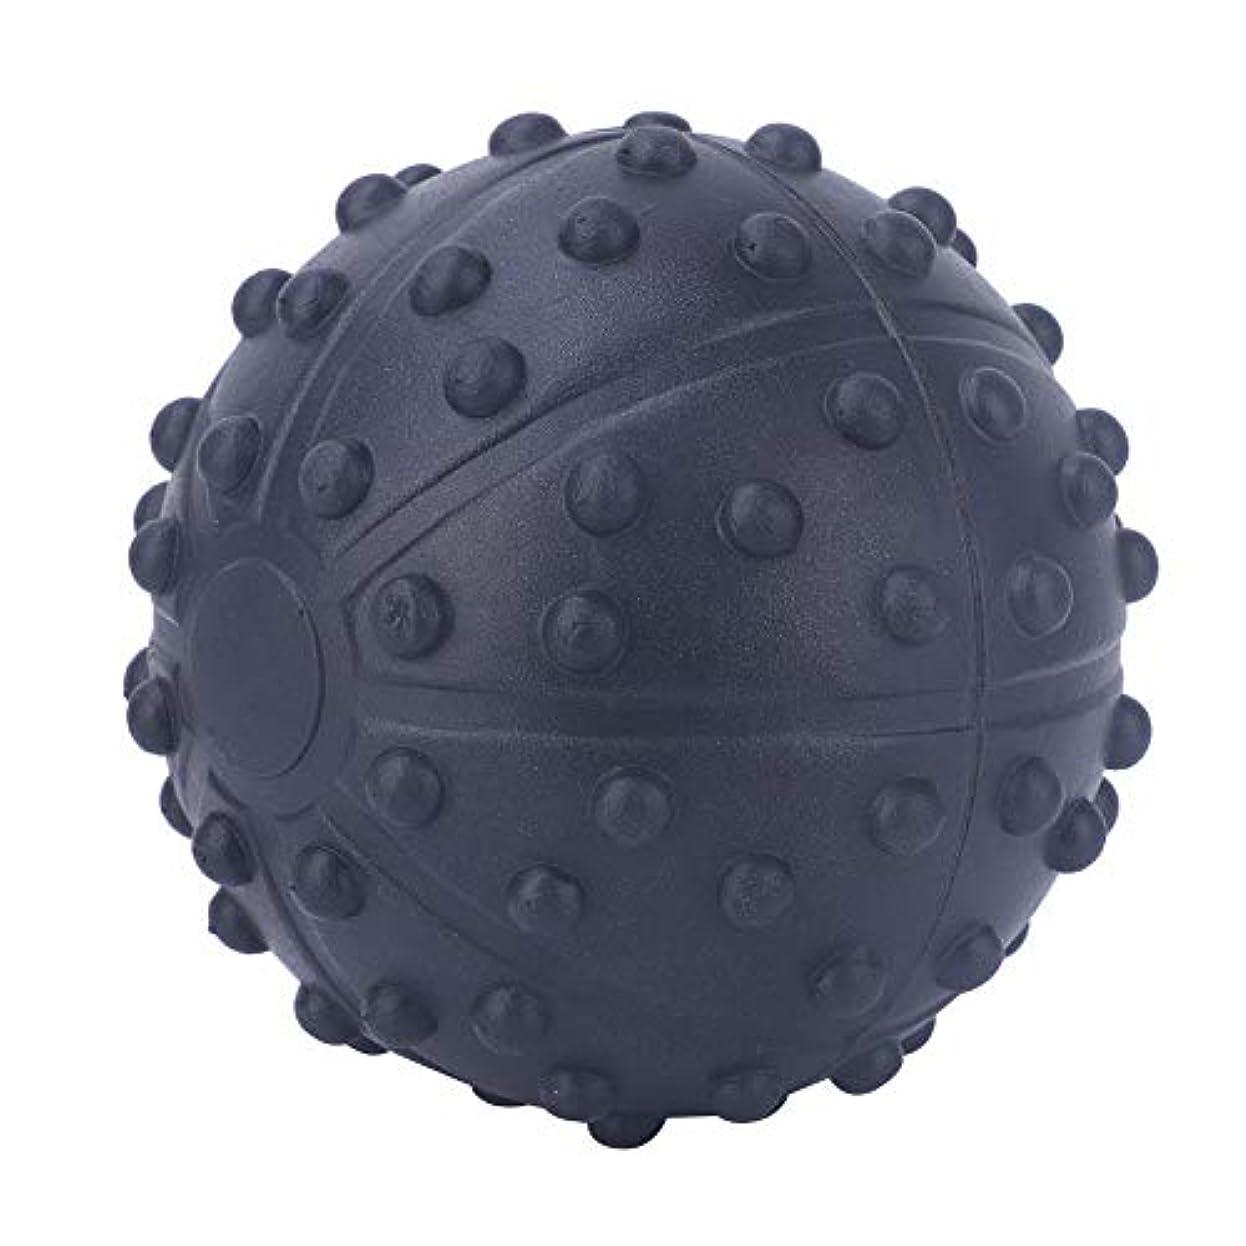 解凍する、雪解け、霜解け化学自分自身深いティッシュヨガの筋膜の球、ヨガの疲労筋肉は筋肉救済、背部、首および足のマッサージャーのためのスポーツの球を取り除きます